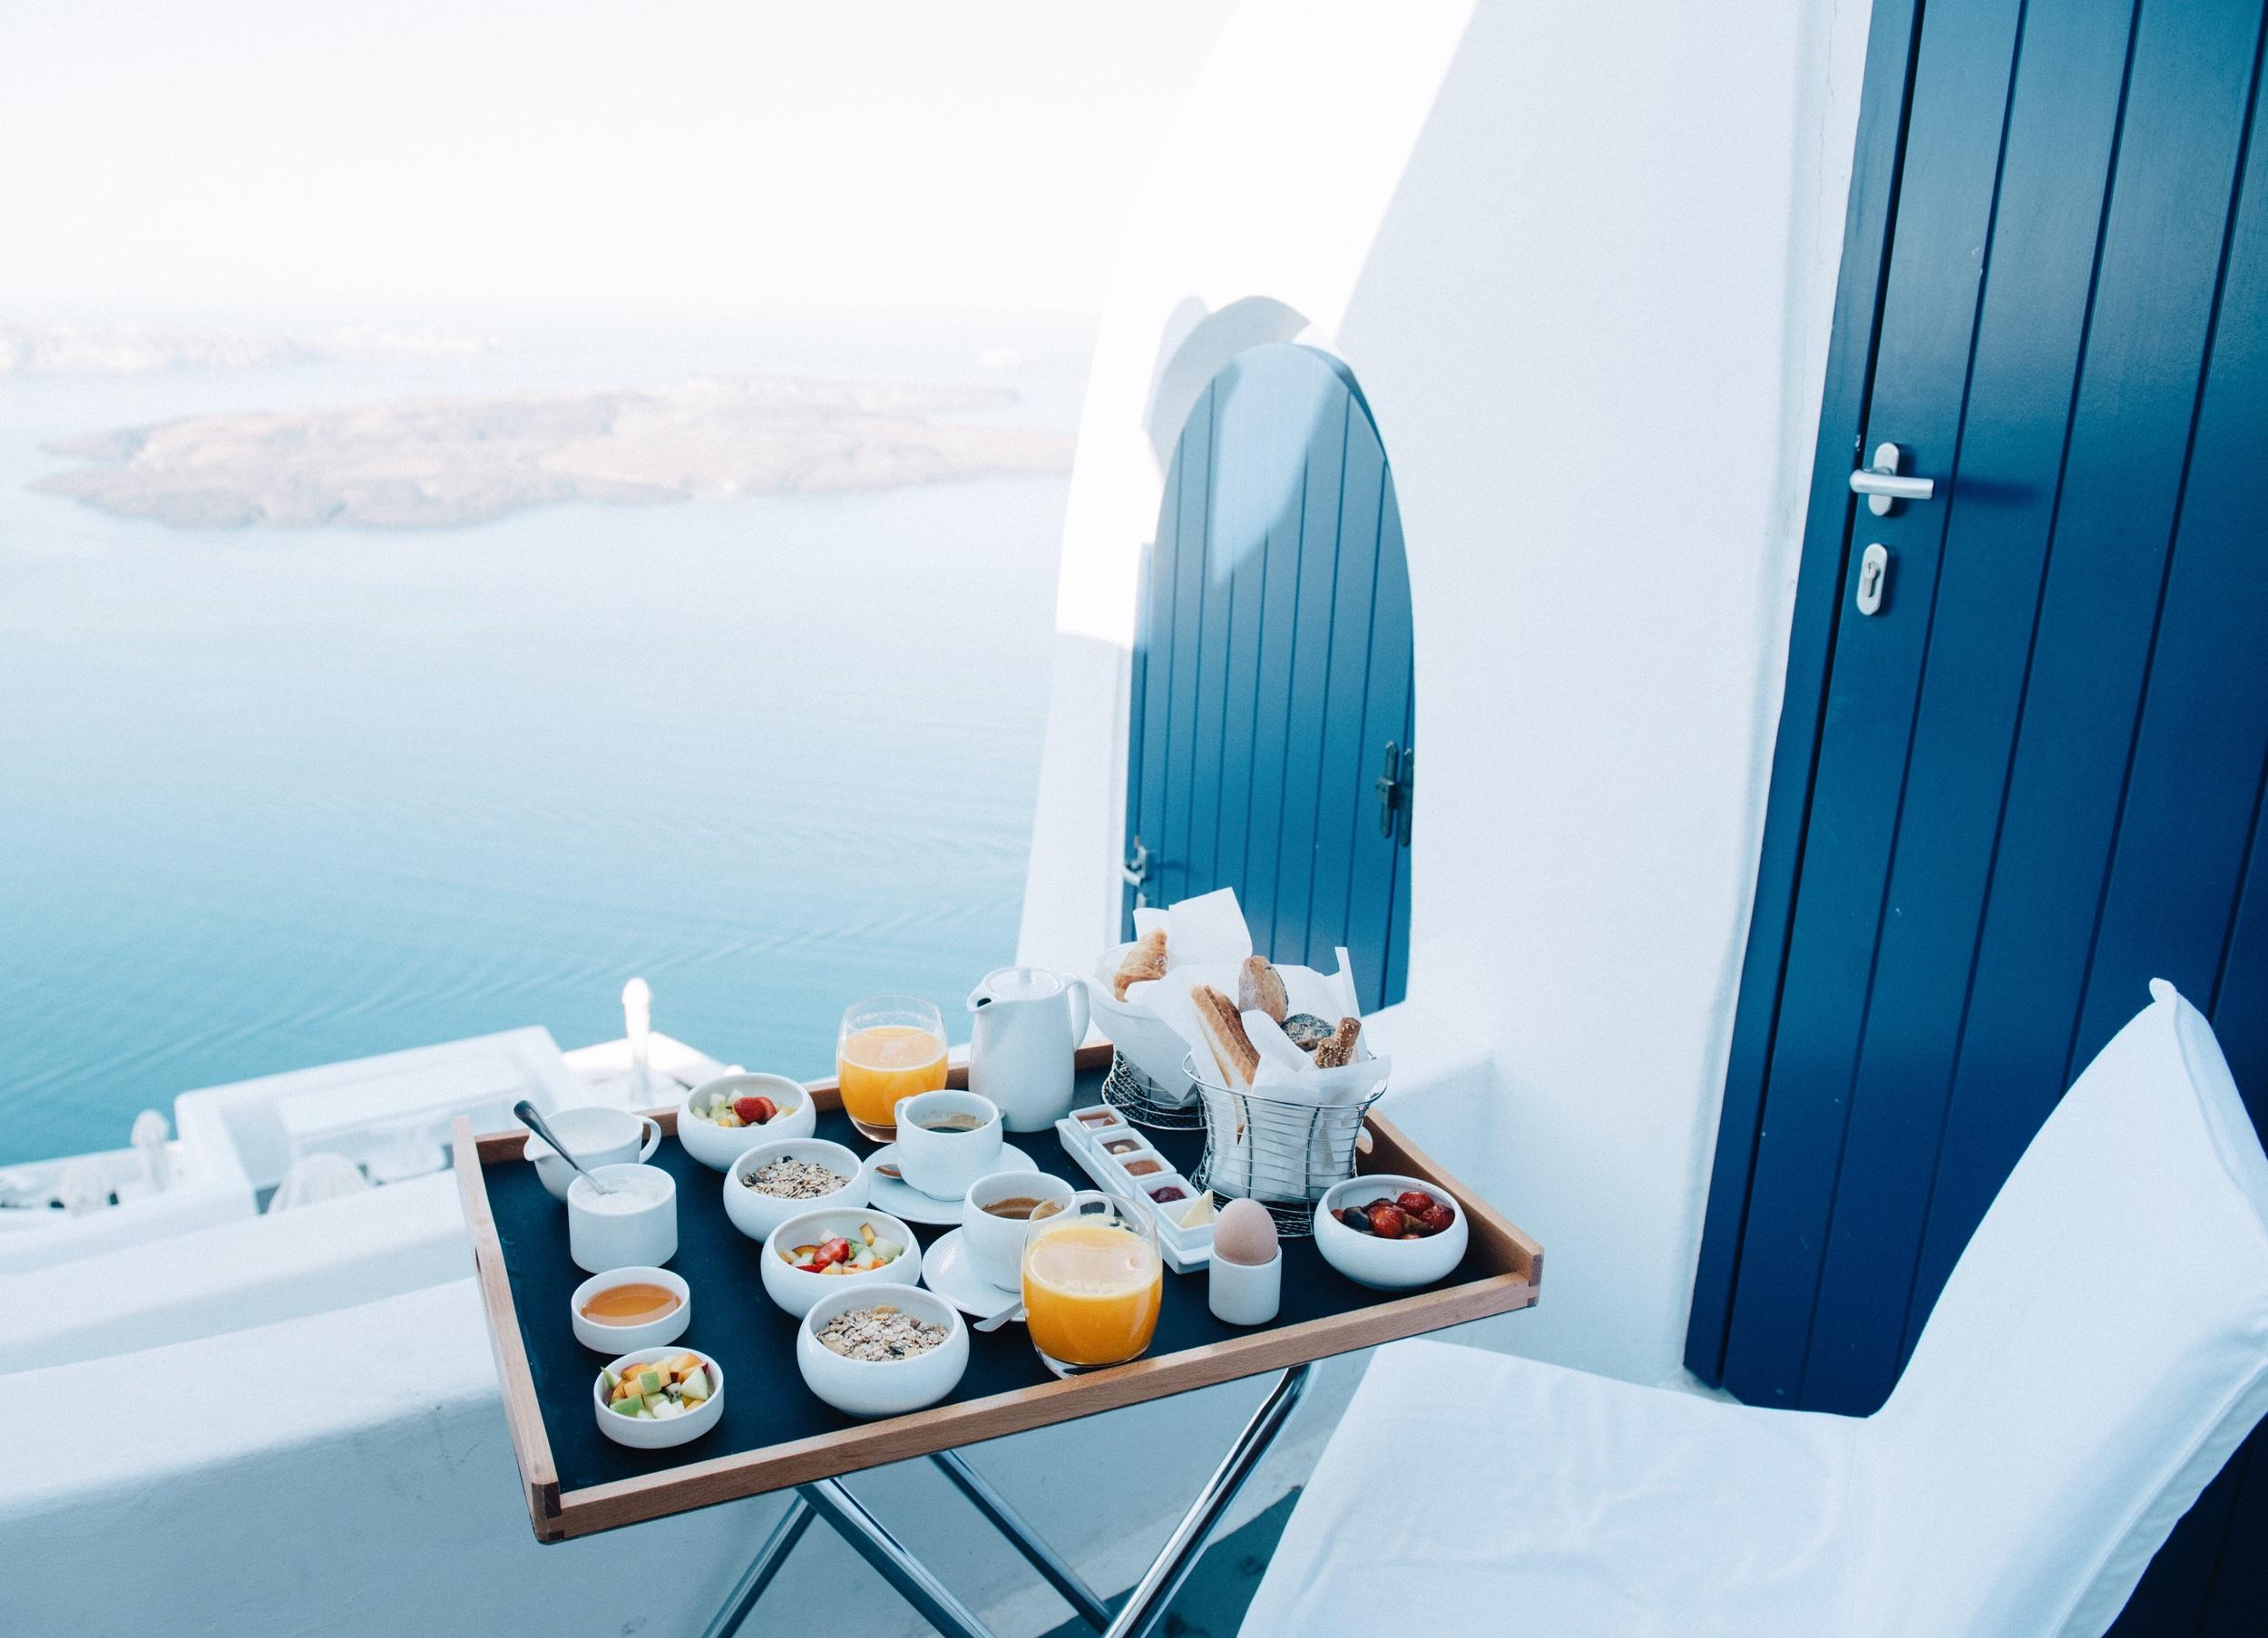 Breakfast on the balcony at Chromata Hotel